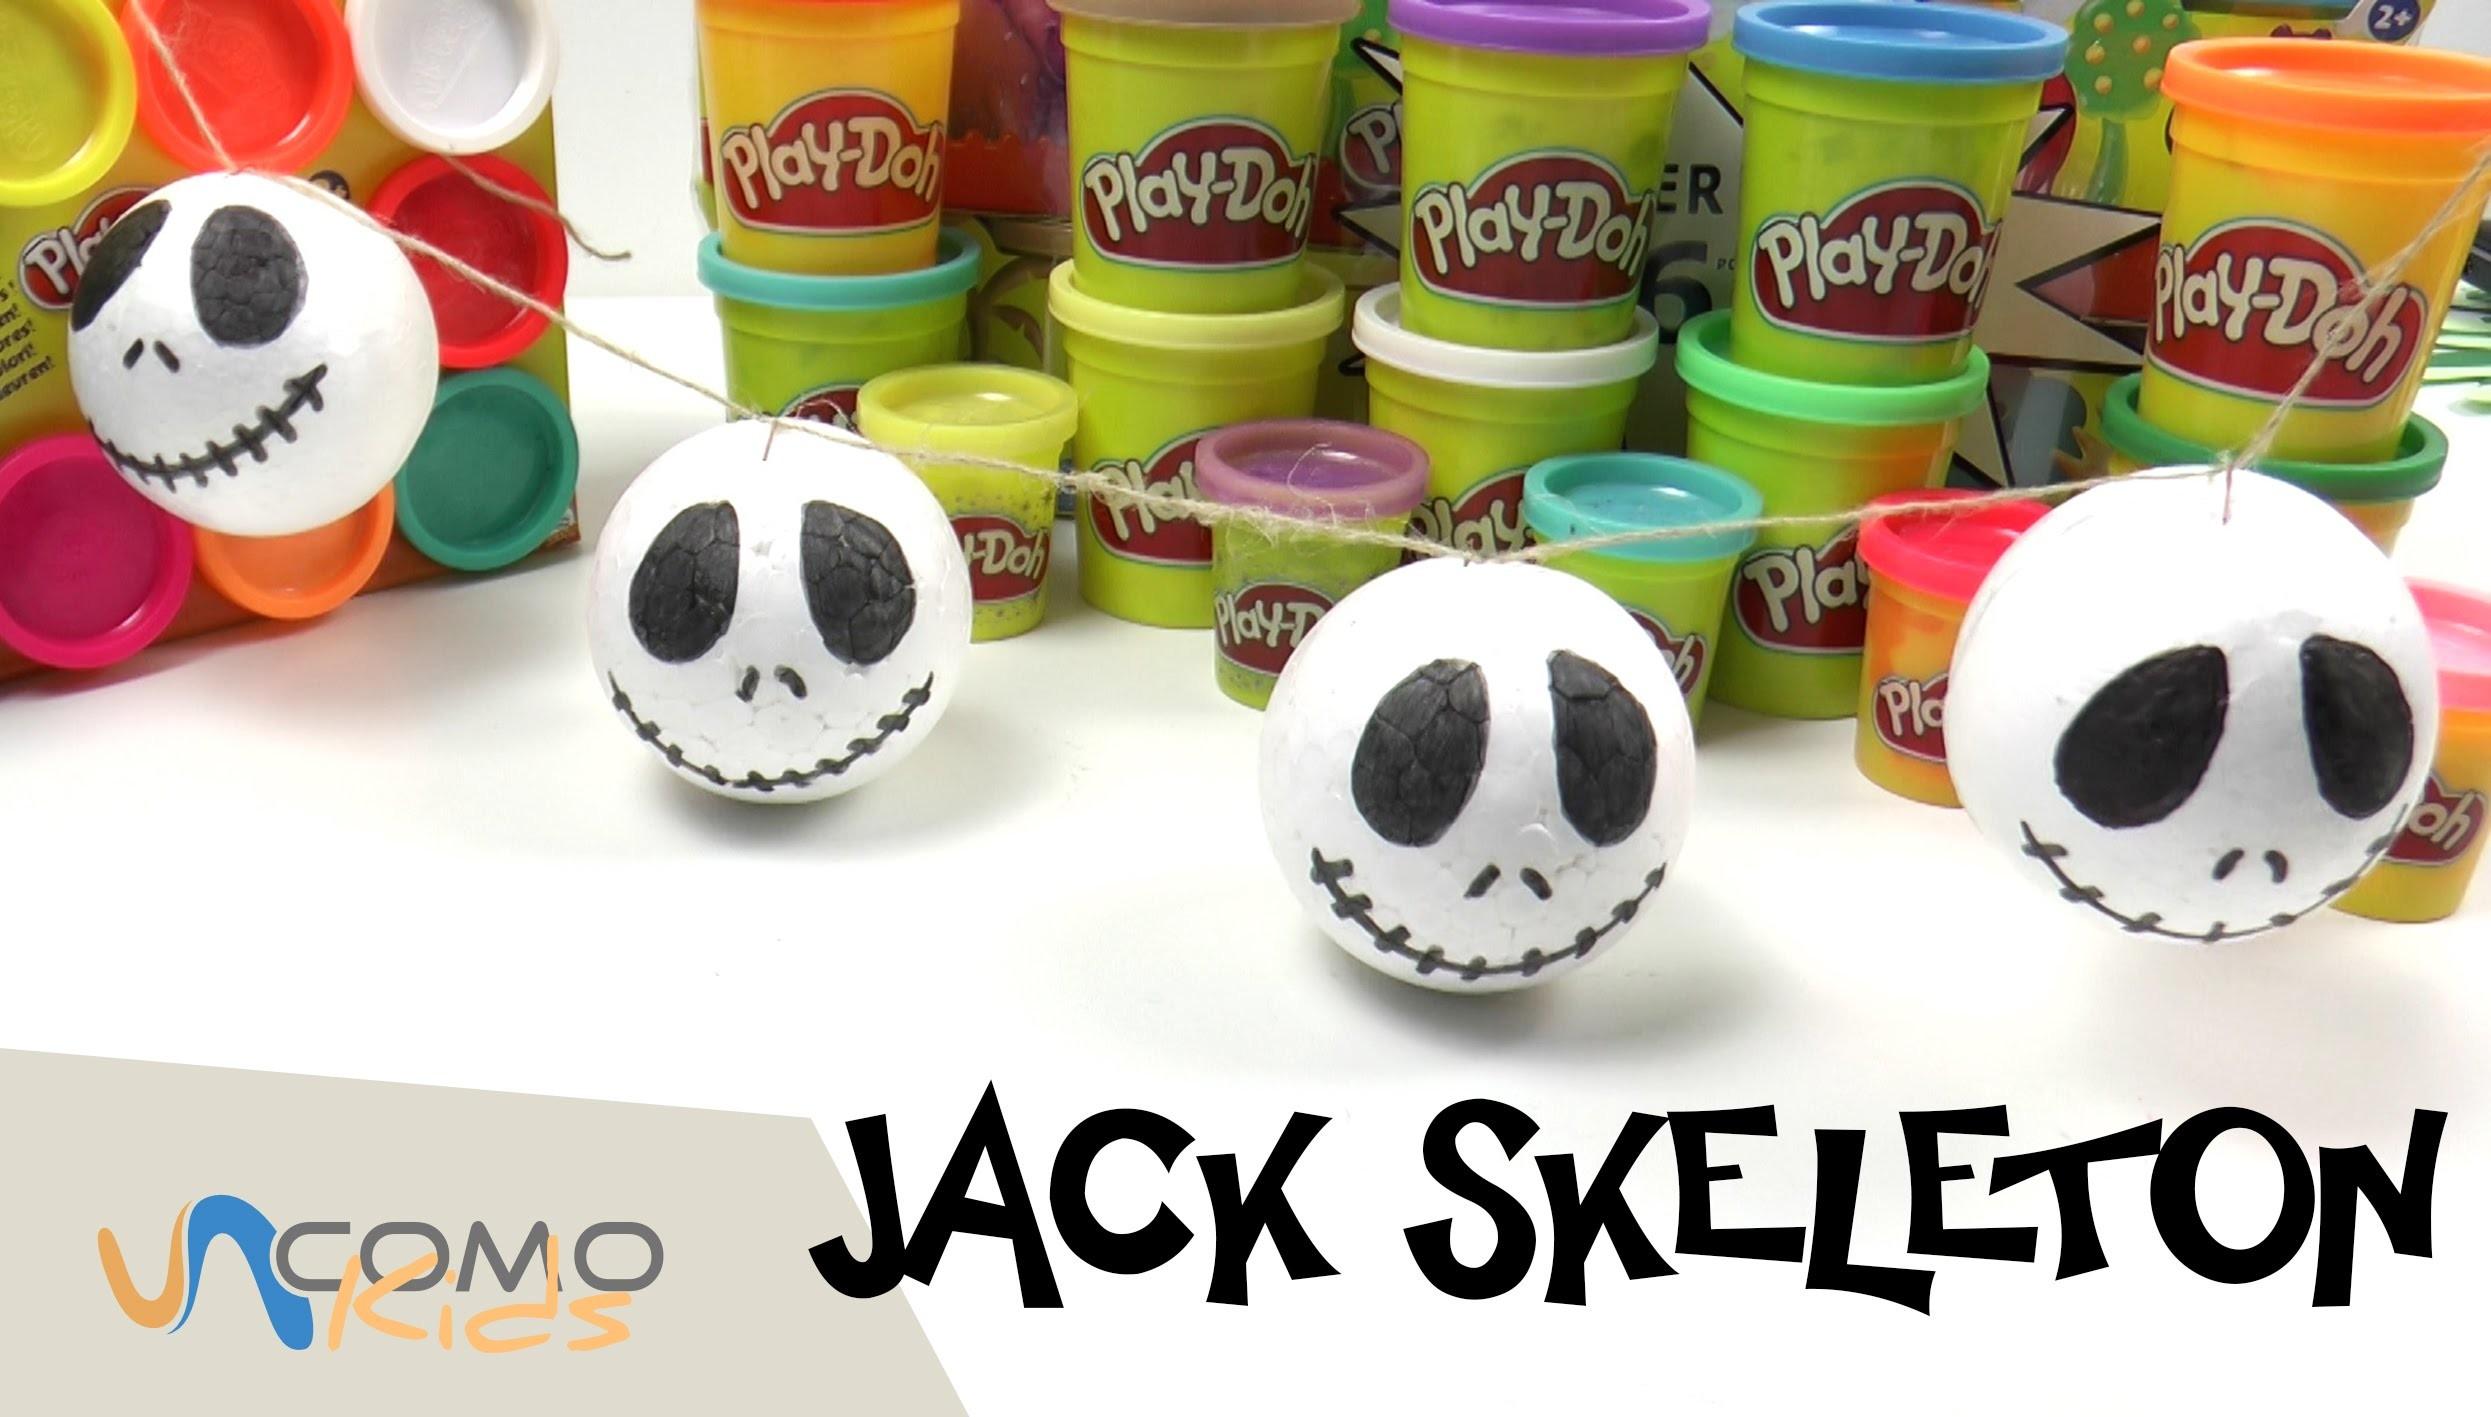 Manualidades para niños- Decoración de Jack Skeleton